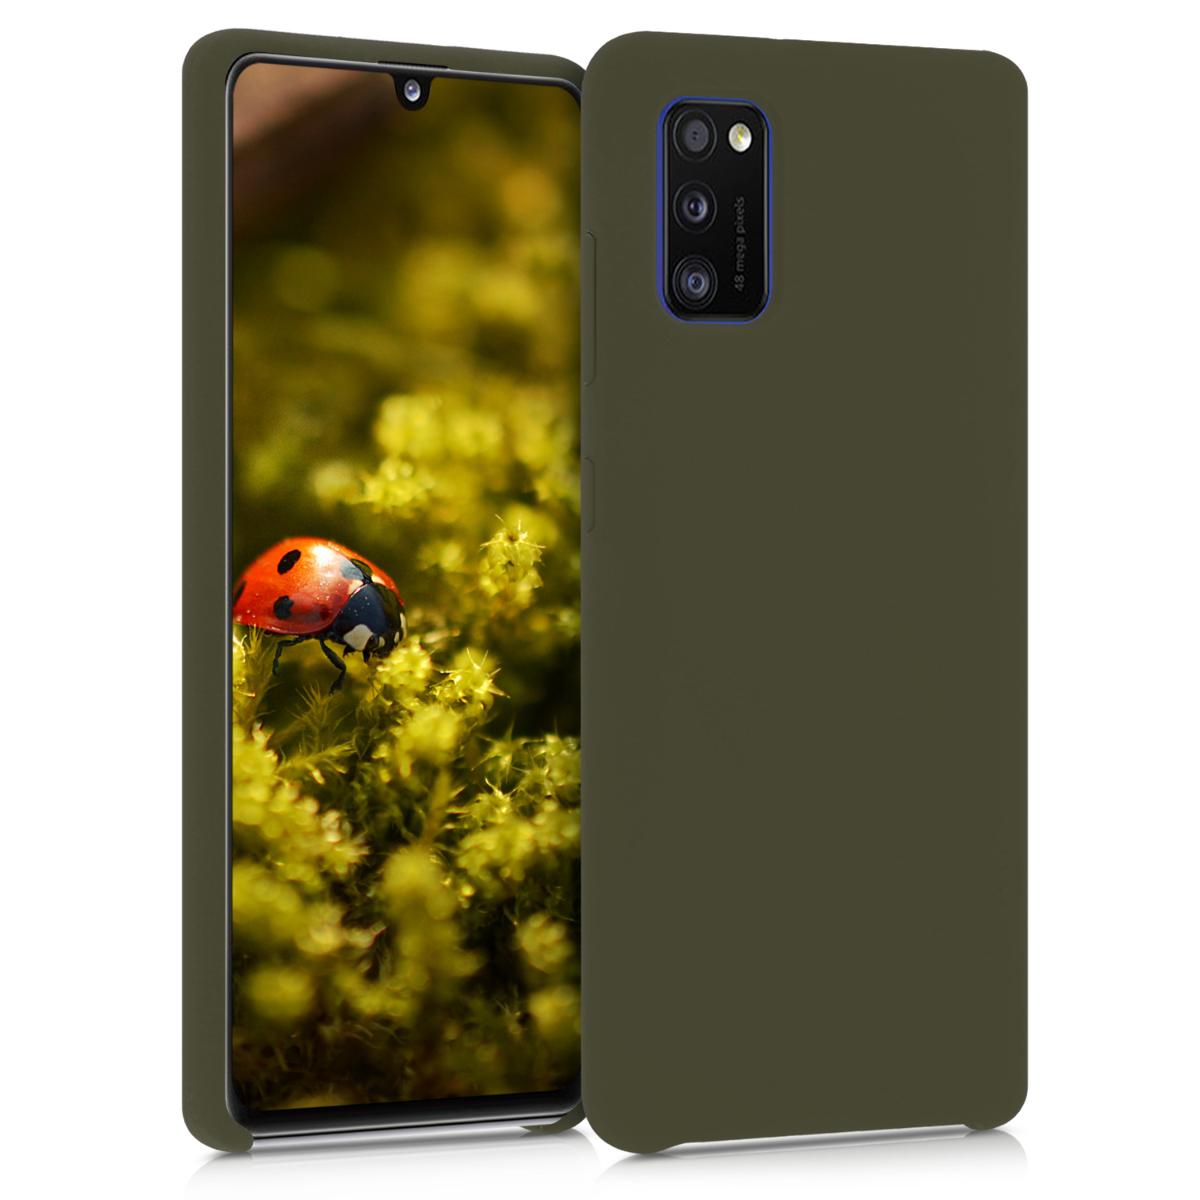 Kvalitní silikonové TPU pouzdro pro Samsung A41 - tmavé Olive